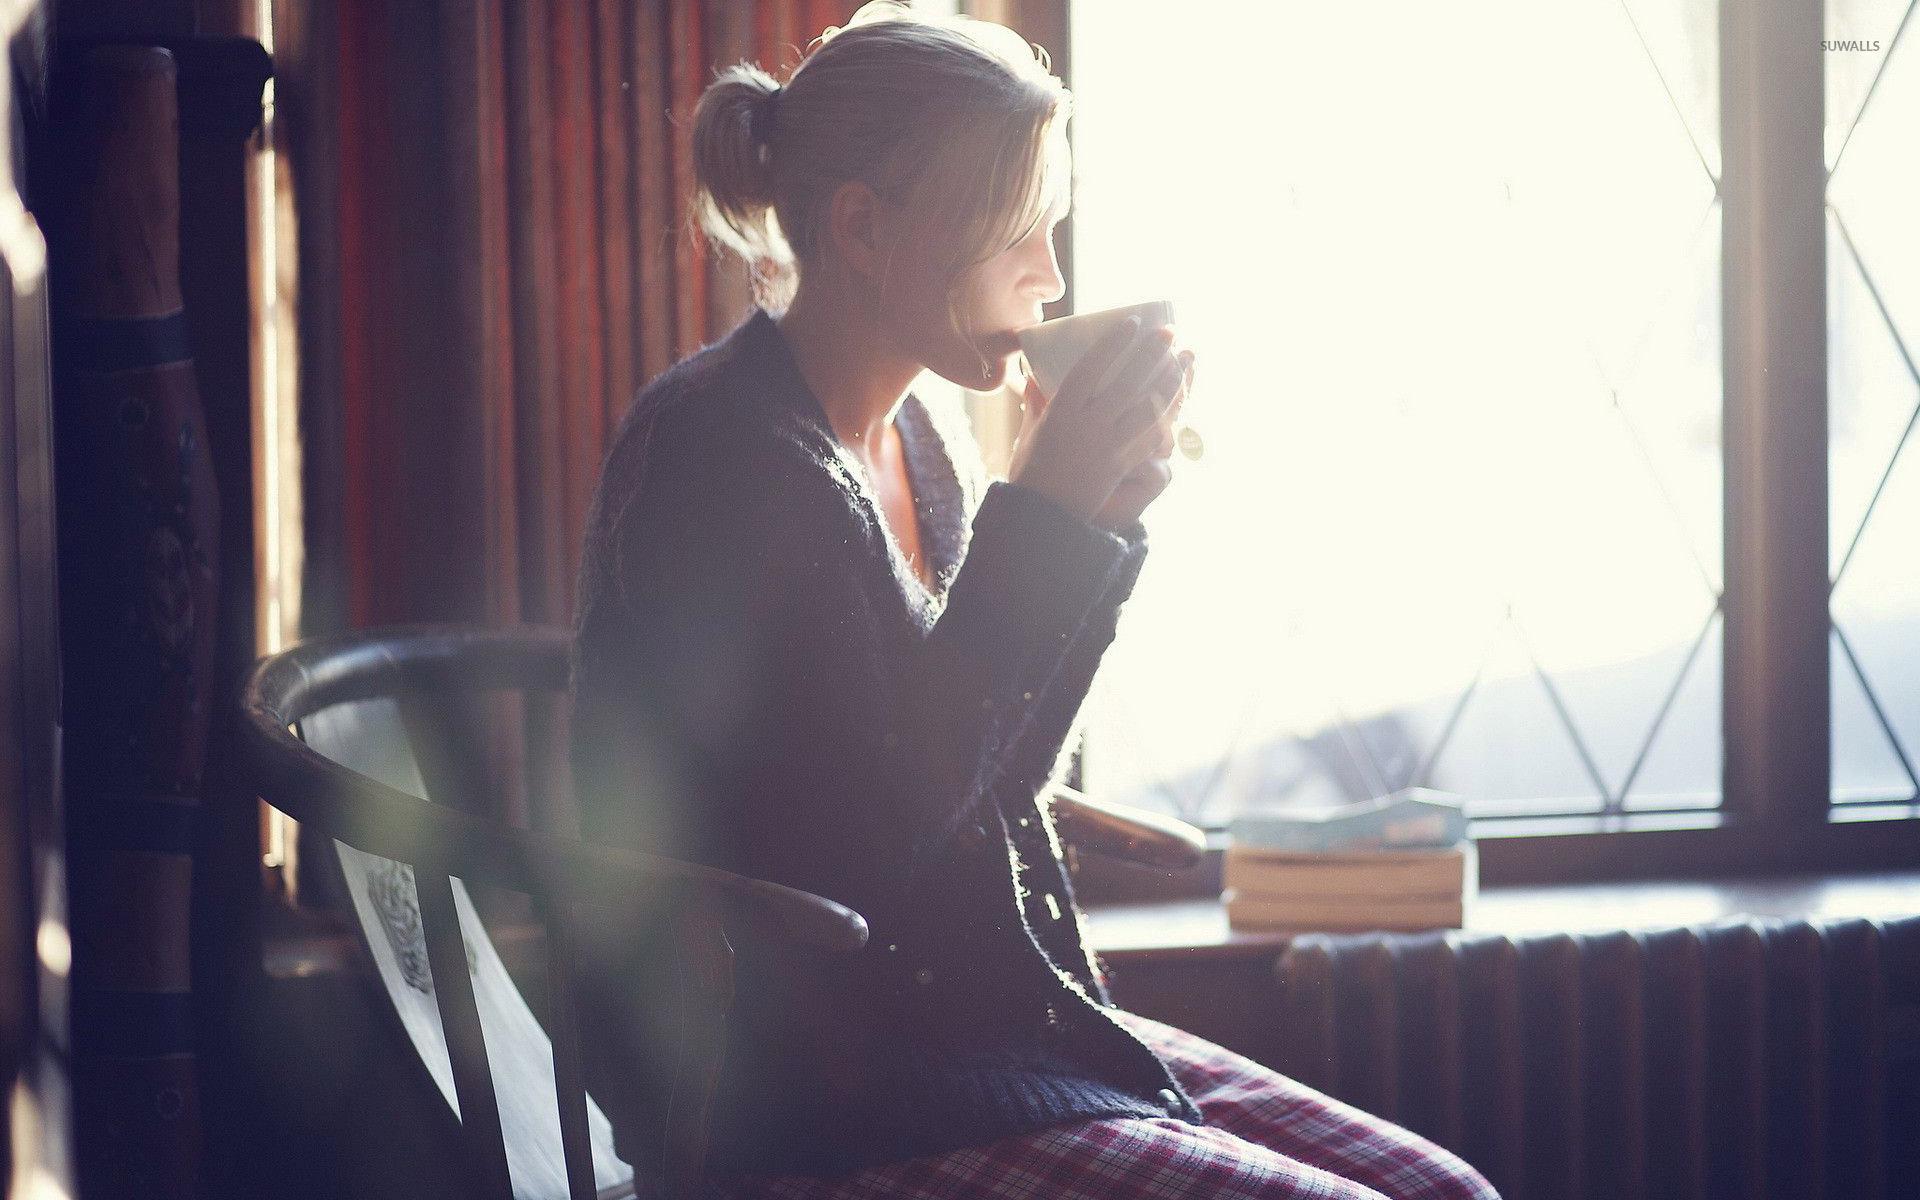 Enjoying morning coffee wallpaper - Girl wallpapers - #28914